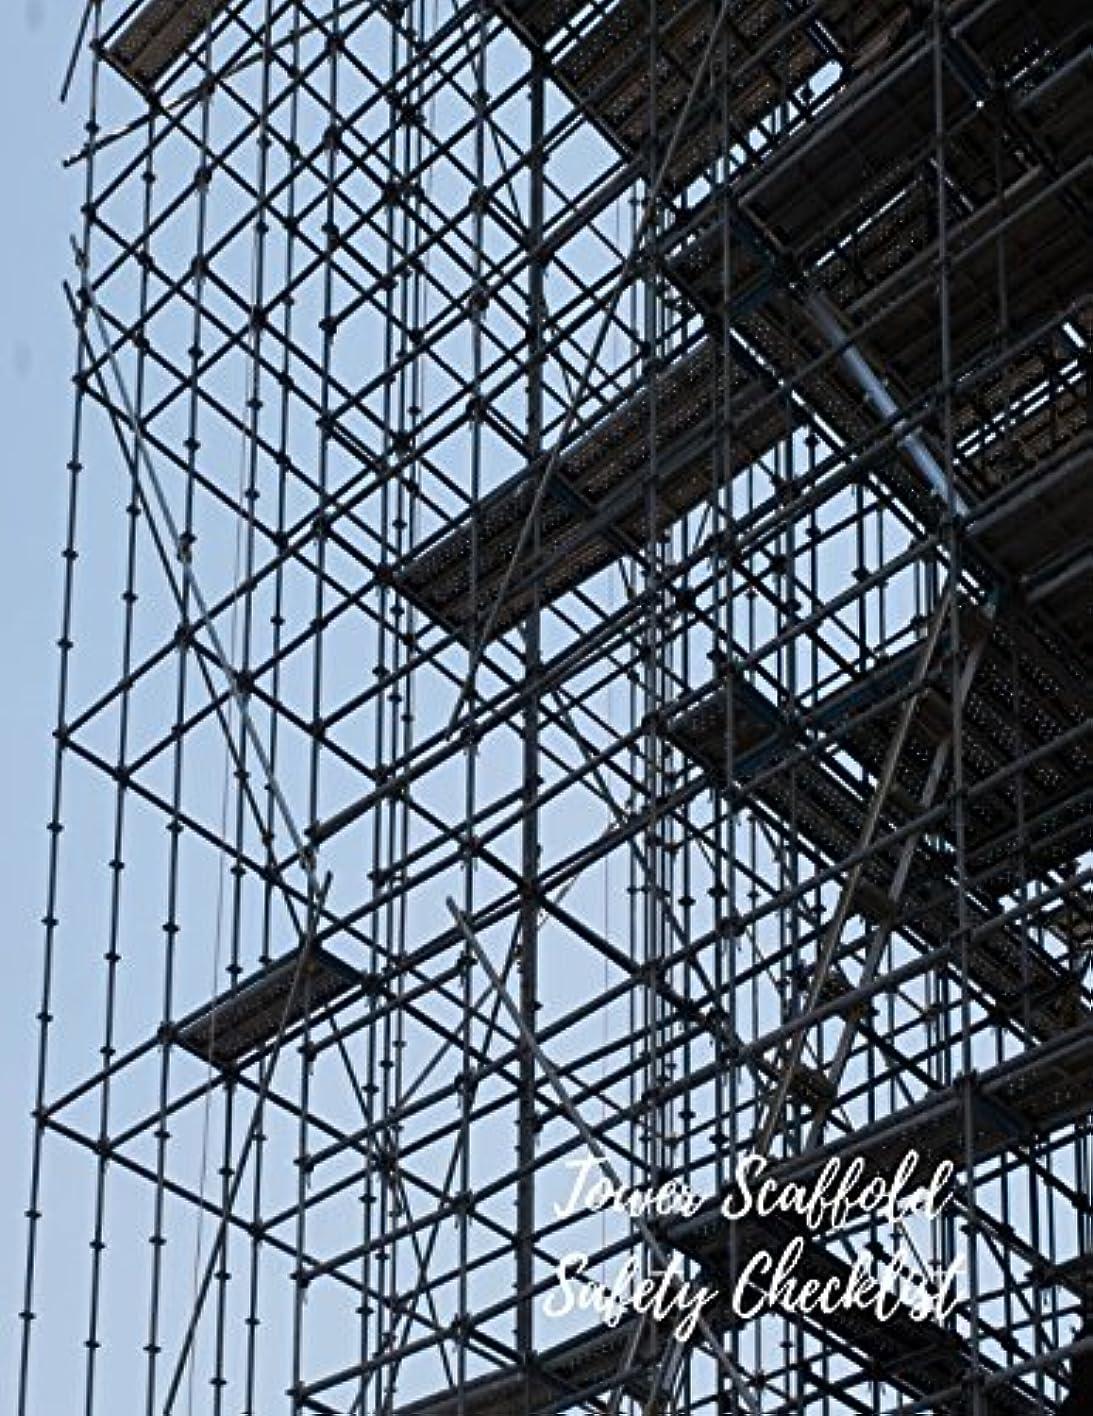 ワイドのため六分儀Tower Scaffold Safety Checklist: Scaffold Inspection Log